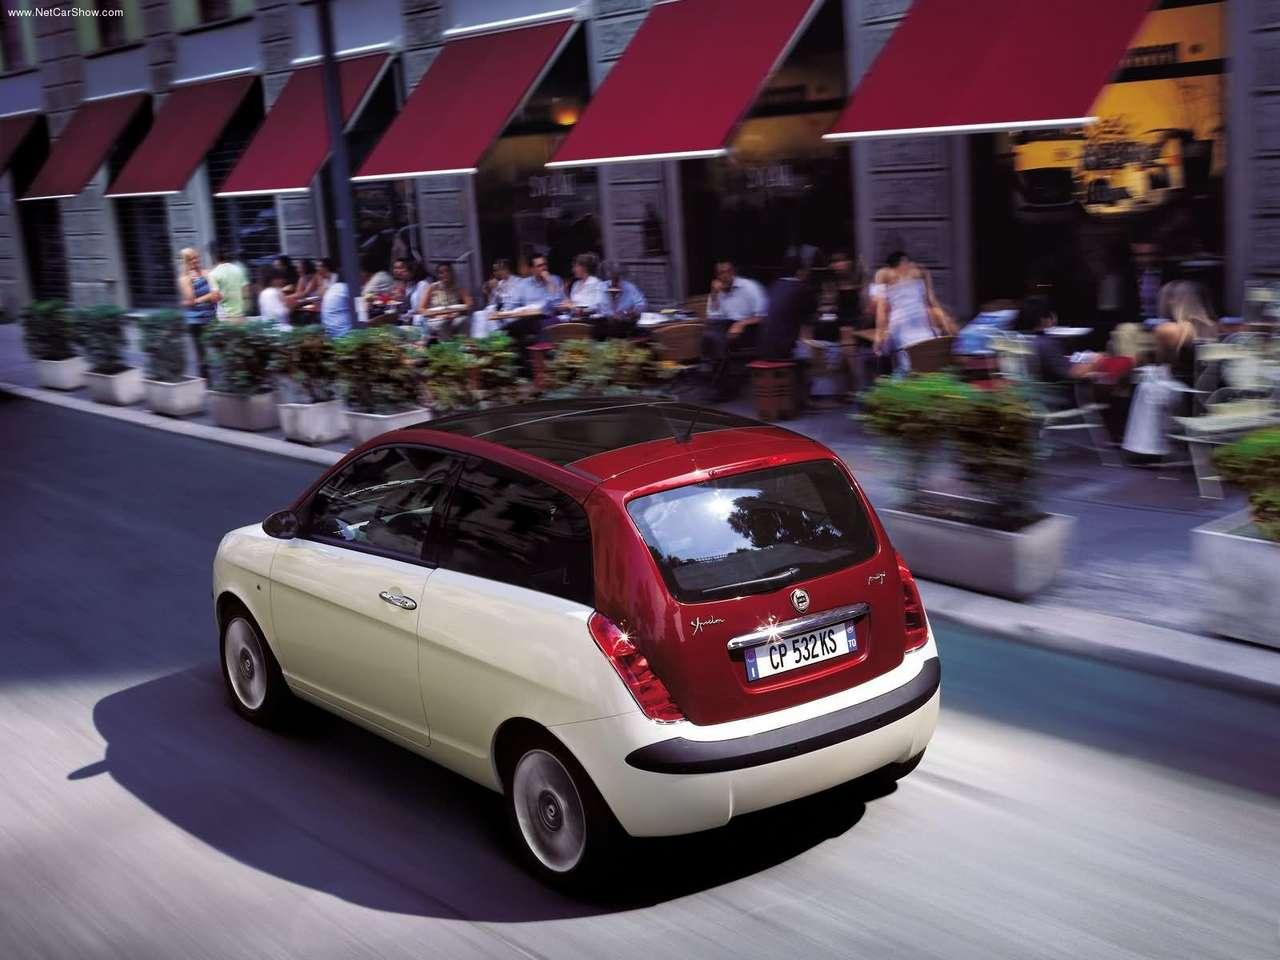 Lancia - Auto twenty-first century: 2004 Lancia Ypsilon BKini